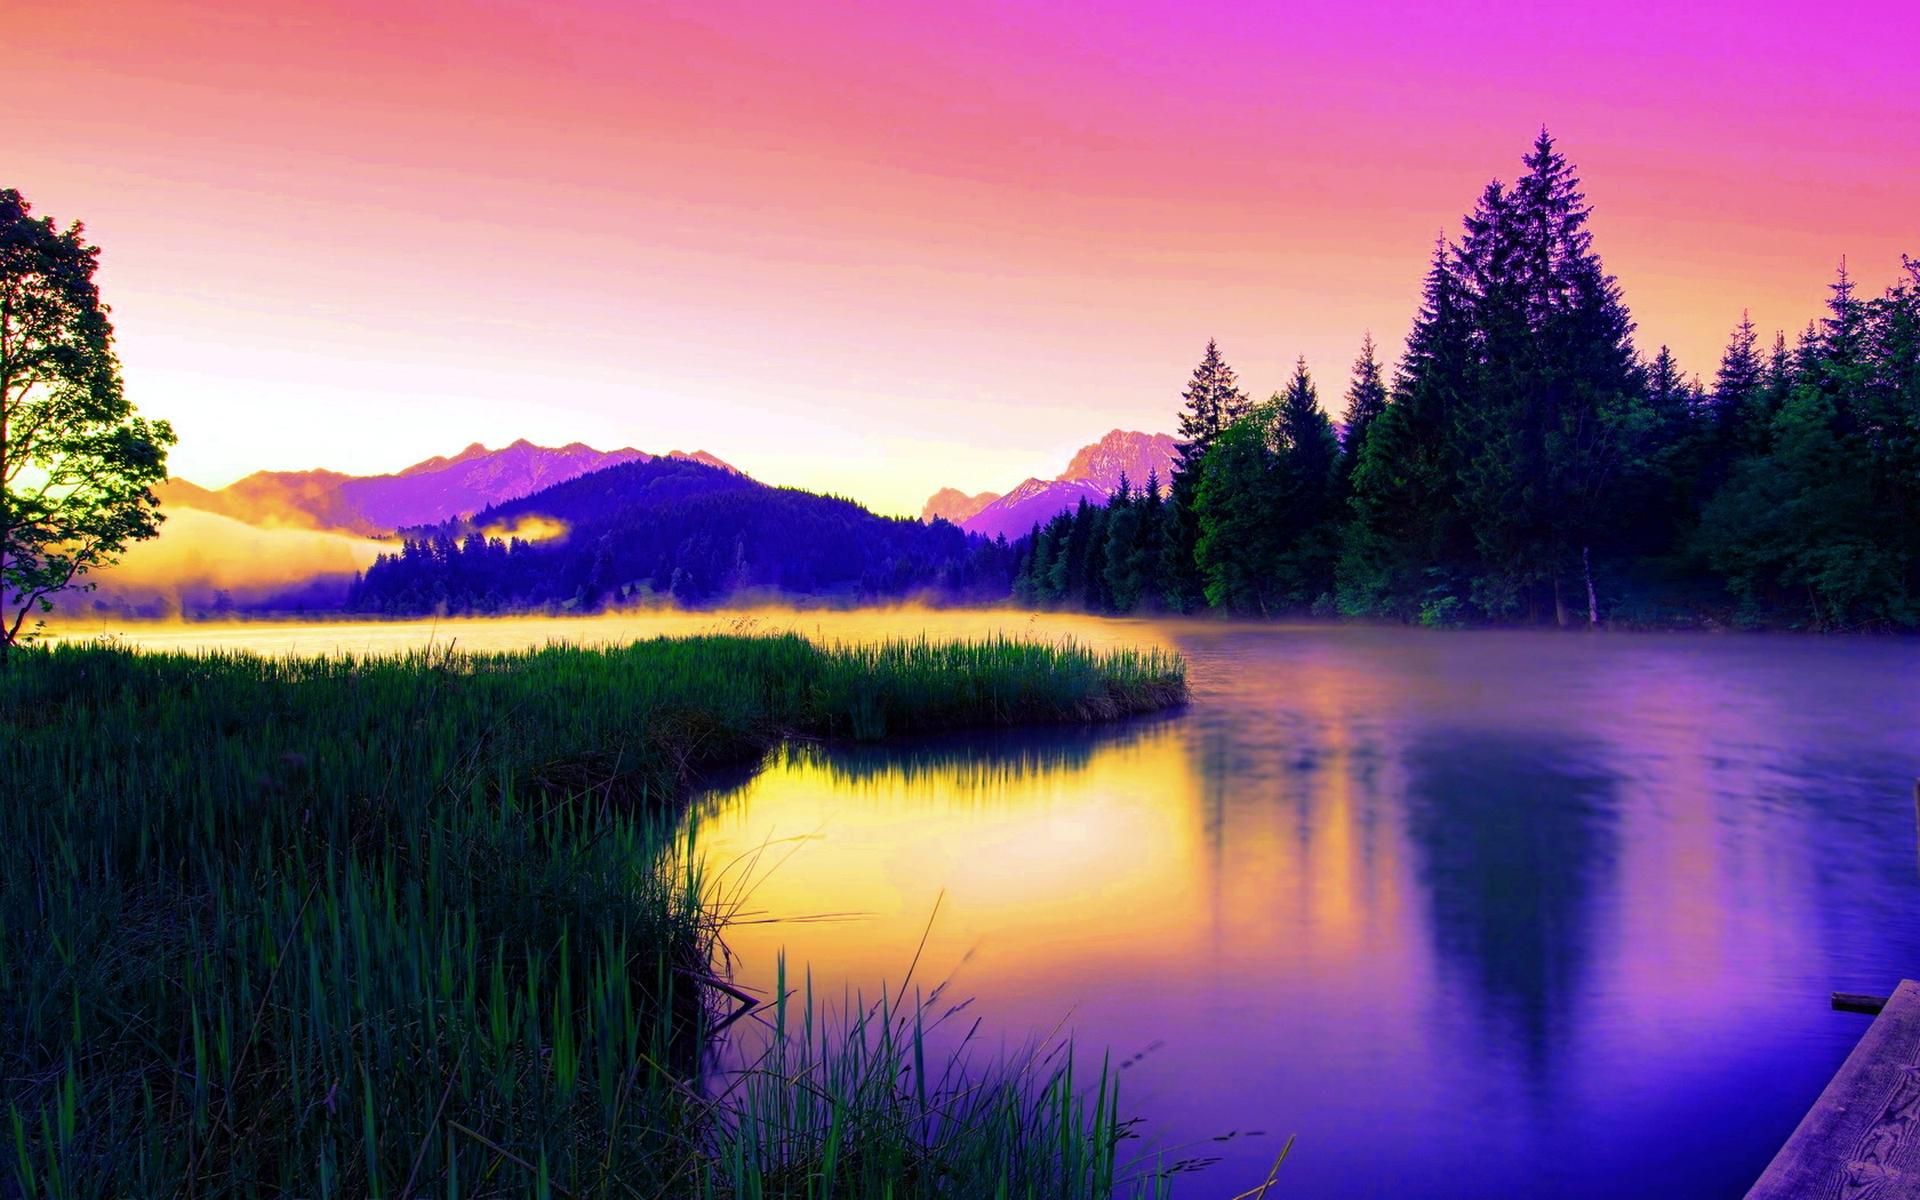 lake wallpaper splendid - HD Desktop Wallpapers | 4k HD